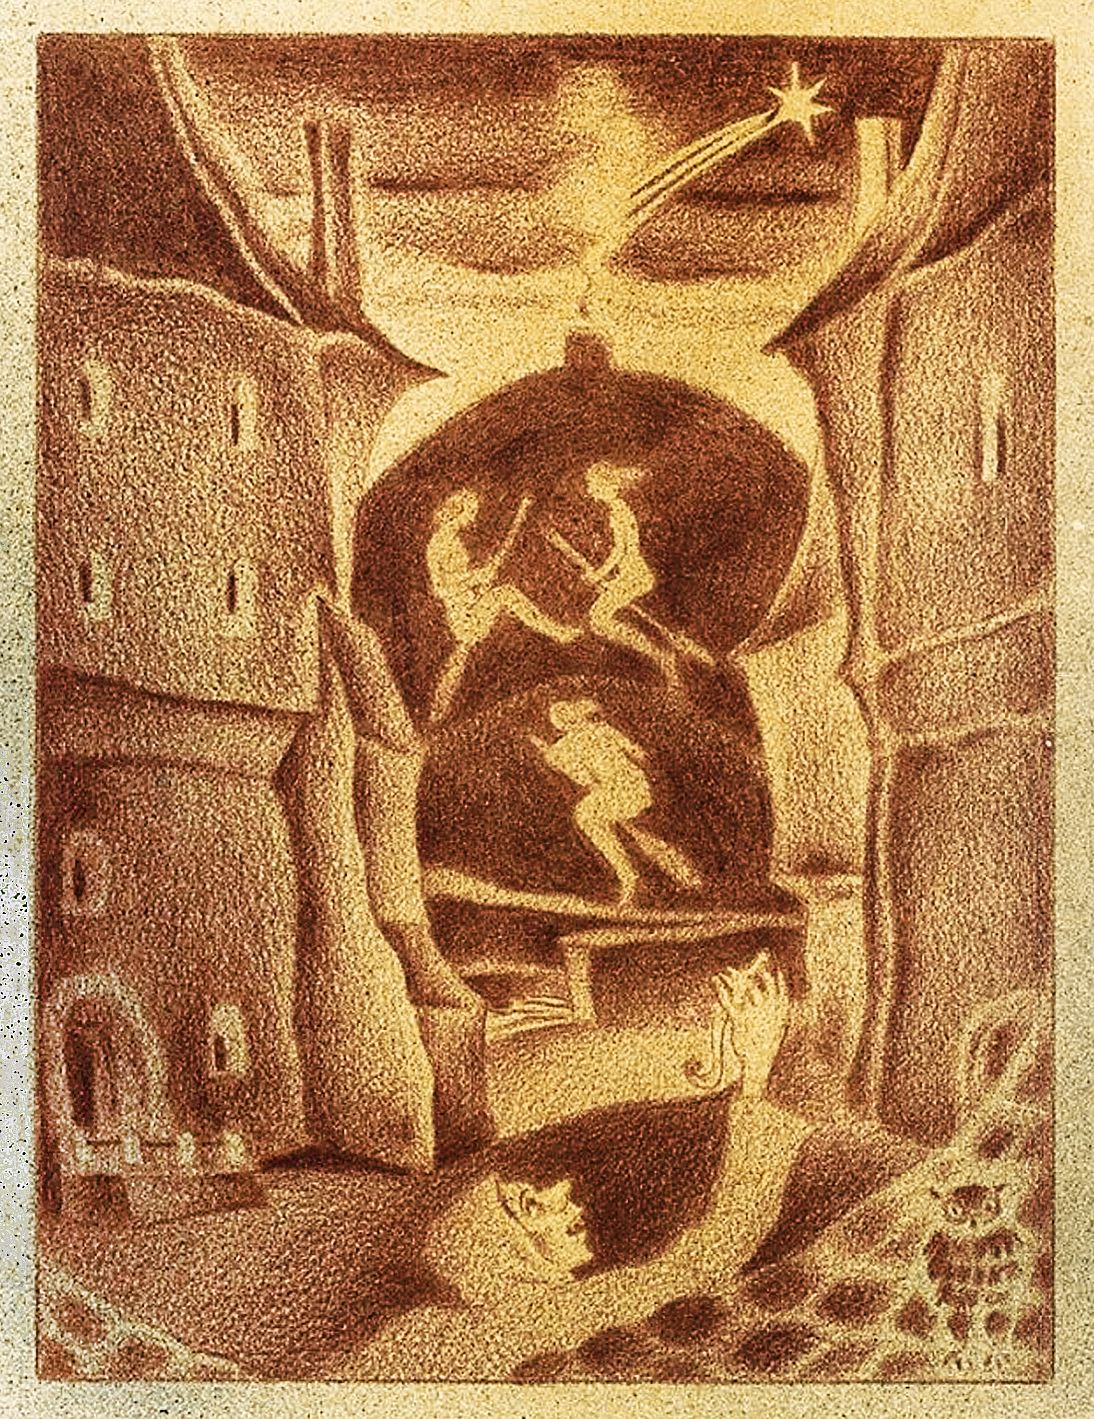 Еміль Кунке. Відьми, 1931 літографія